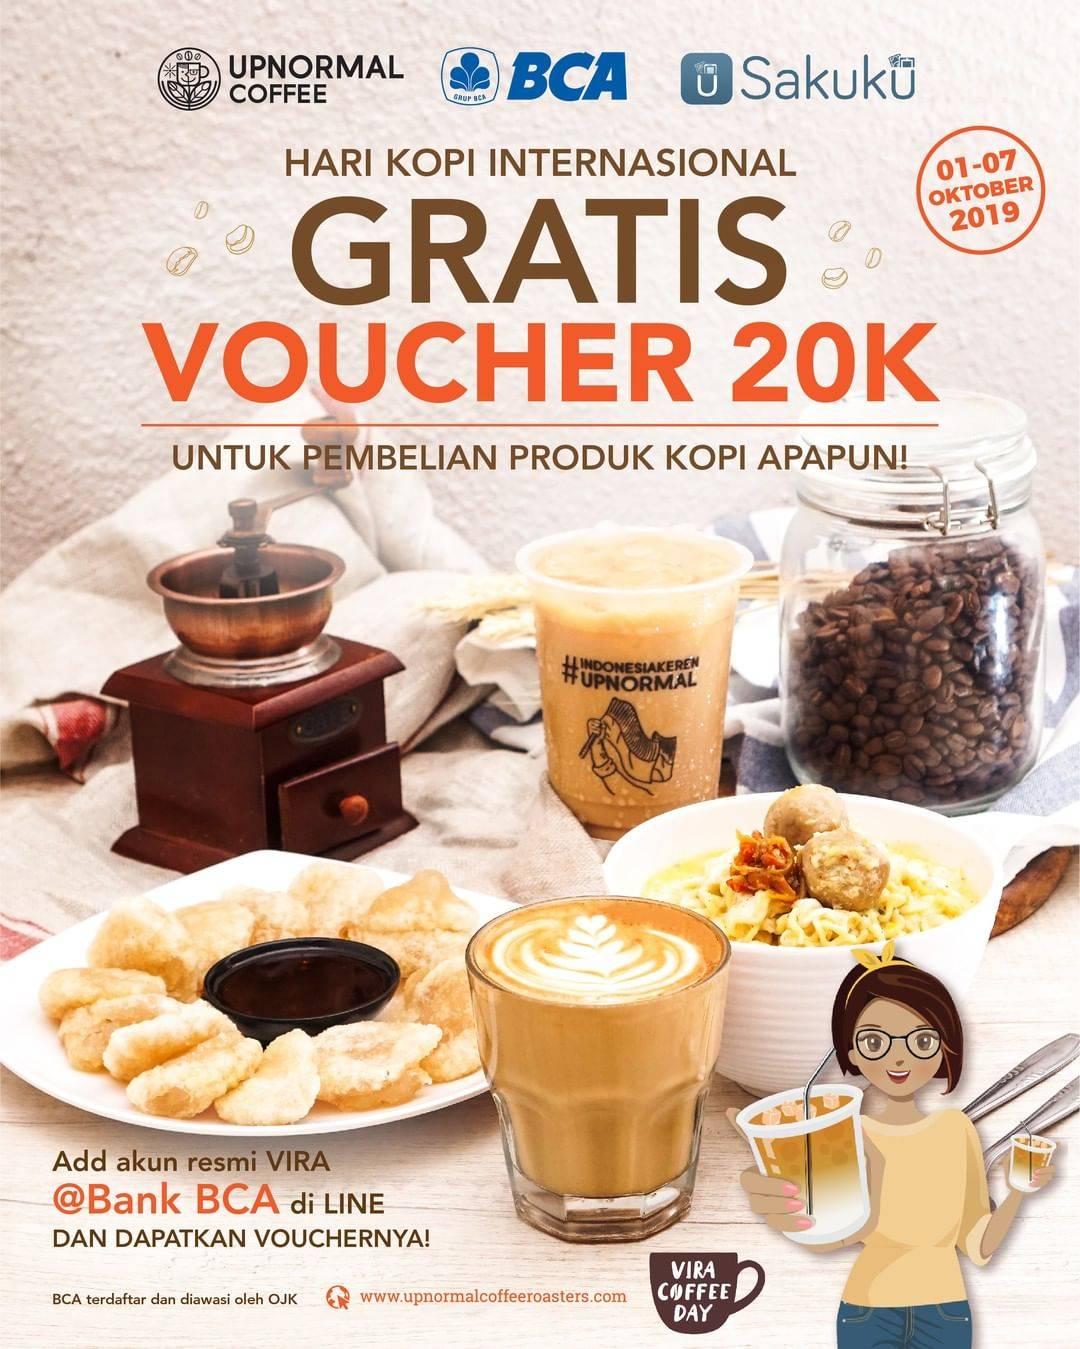 Warunk Upnormal Promo Gratis Voucher Rp. 20.000 Untuk Kamu Pengguna BCA dan Sakuku